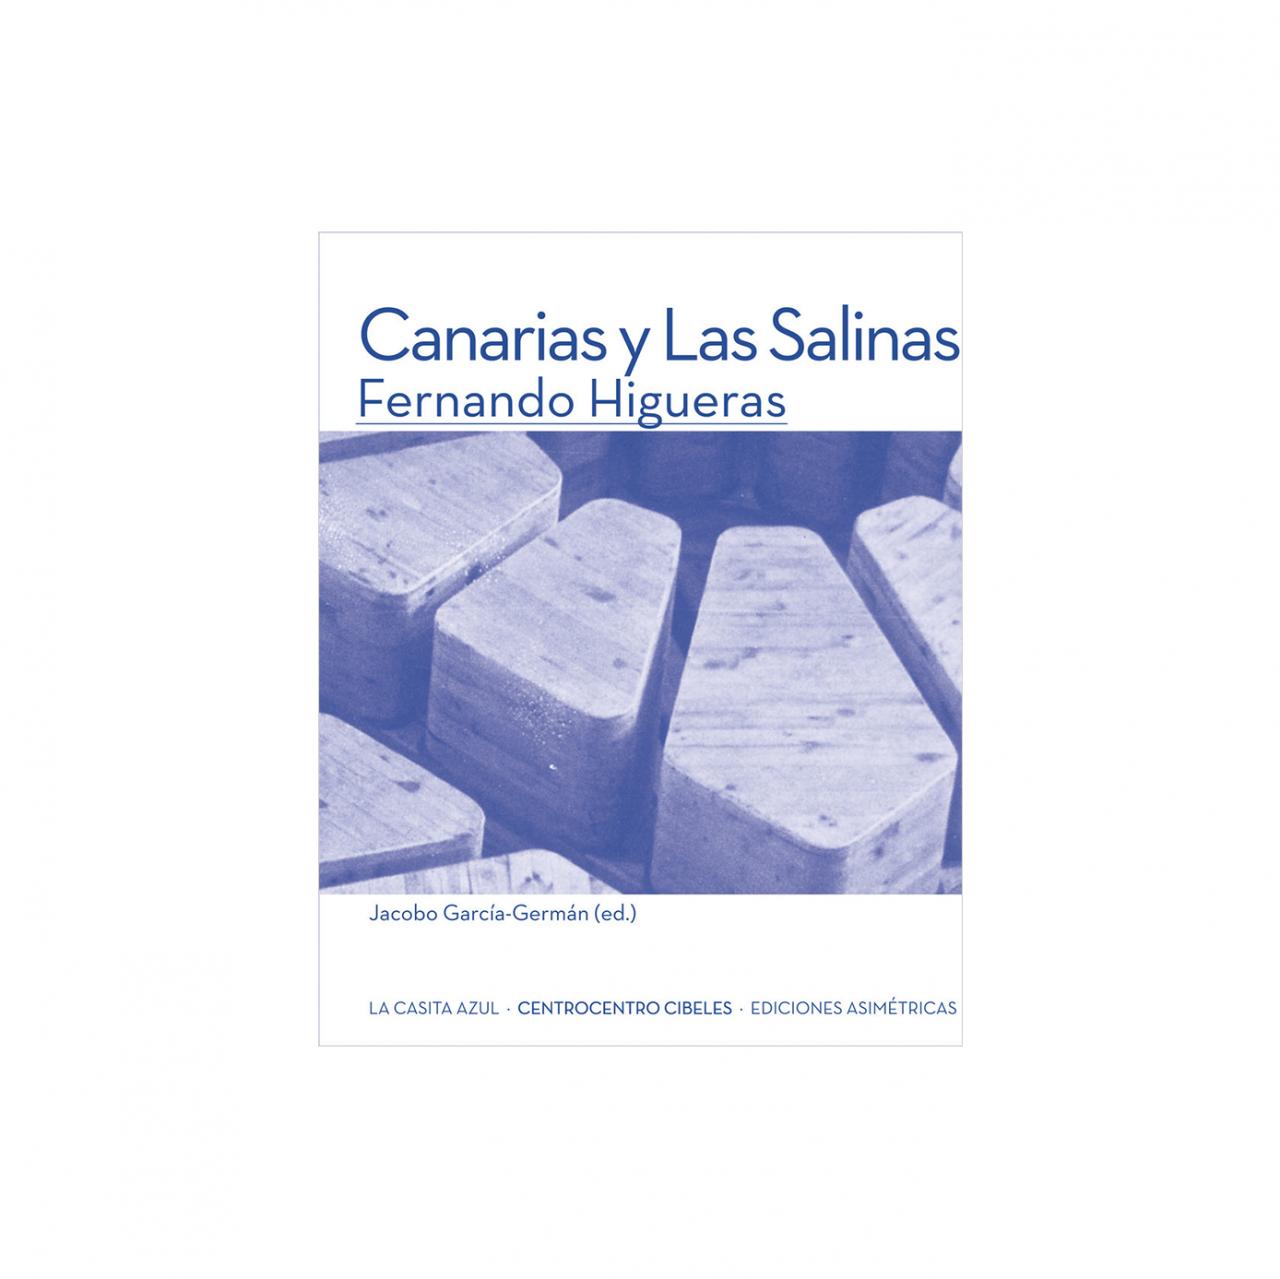 GARCIAGERMAN ARQUITECTOS Canarias y Las Salinas. Fernando Higueras